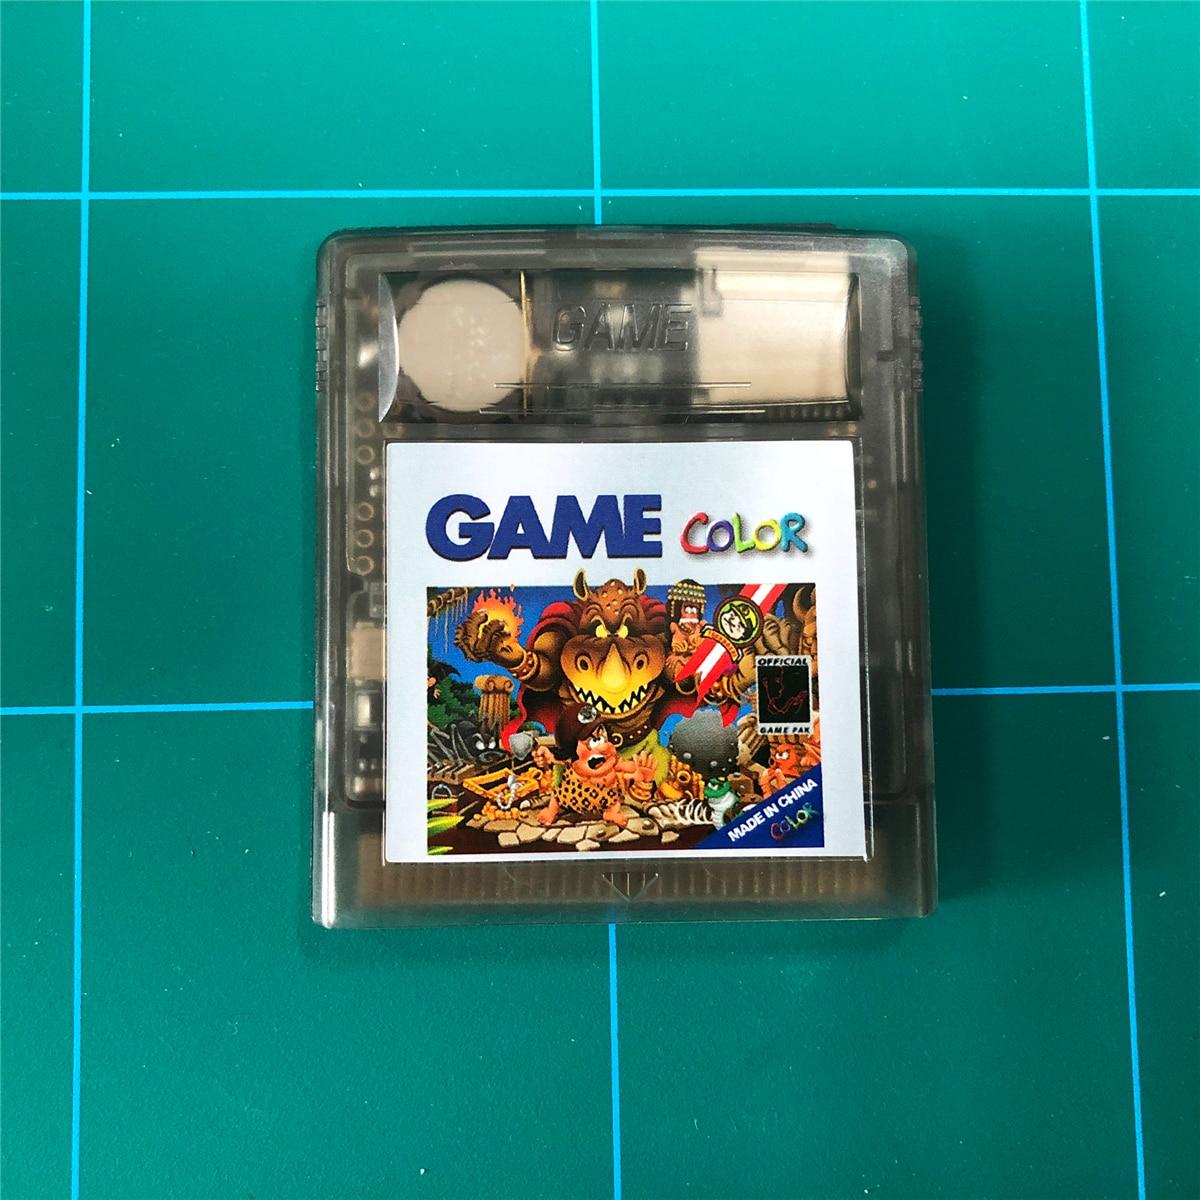 Diy china versão 700 em 1 edgb remix cartão de jogo para gb gbc jogo console cartucho Peças e acessórios de reposição    -